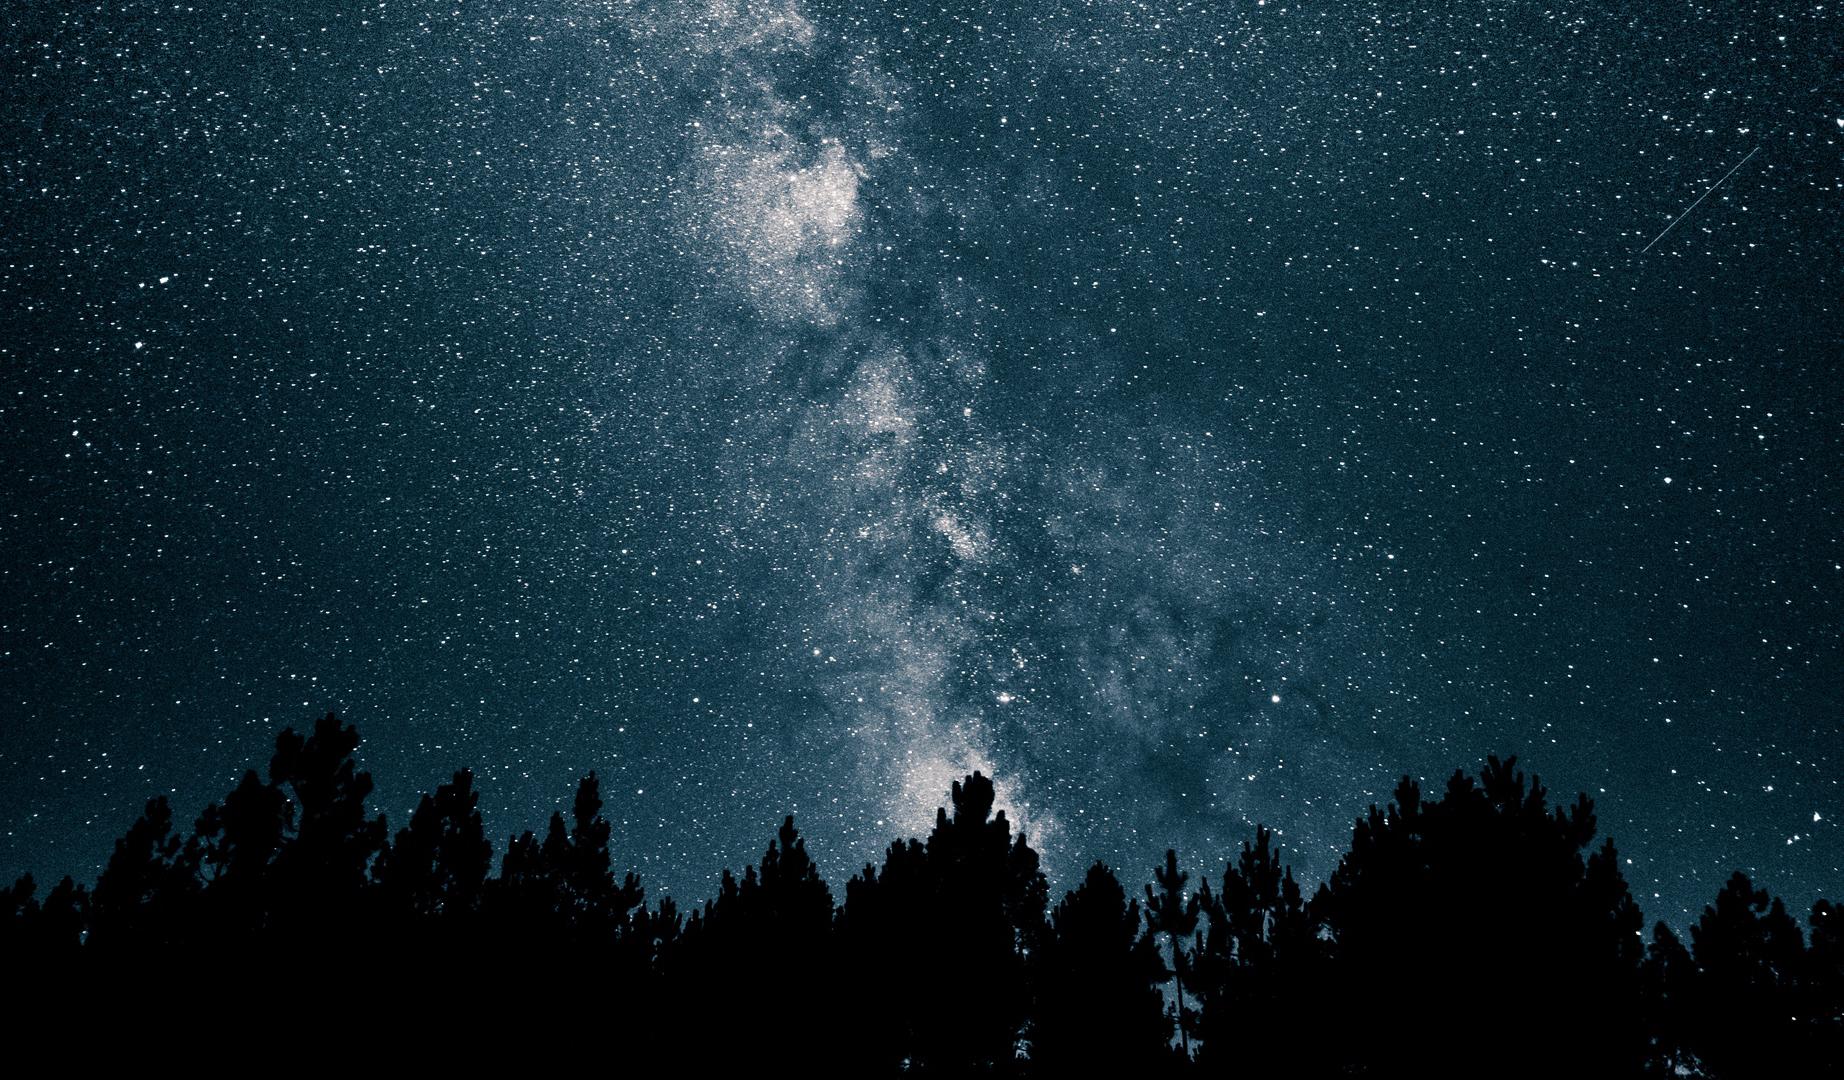 Как правильно фотографировать звезды